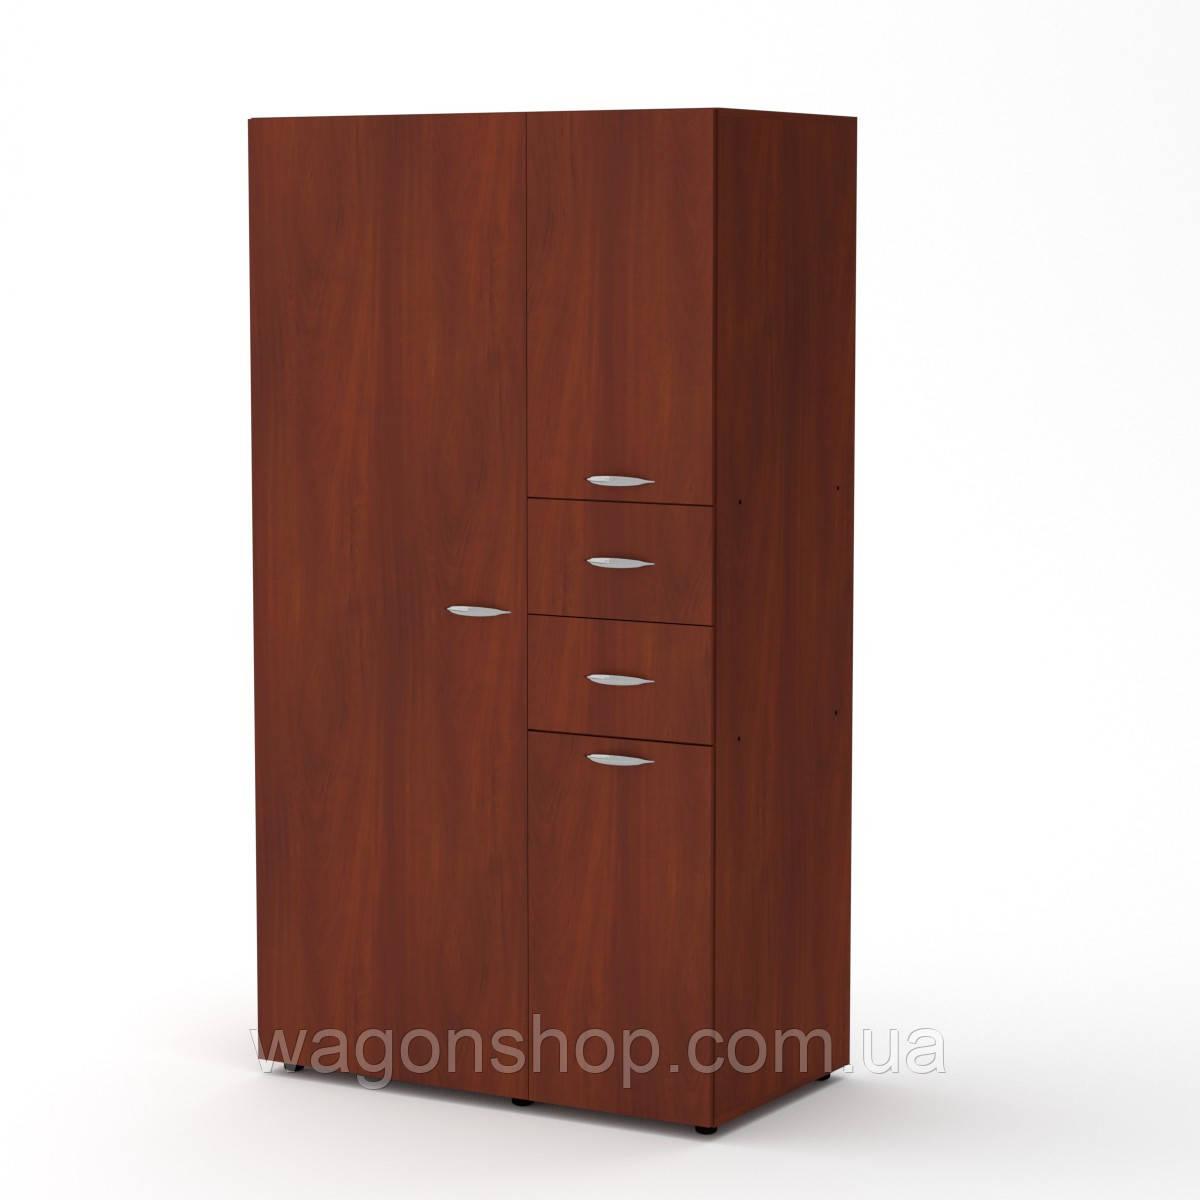 Шкаф для спальни Компанит ШКАФ-19